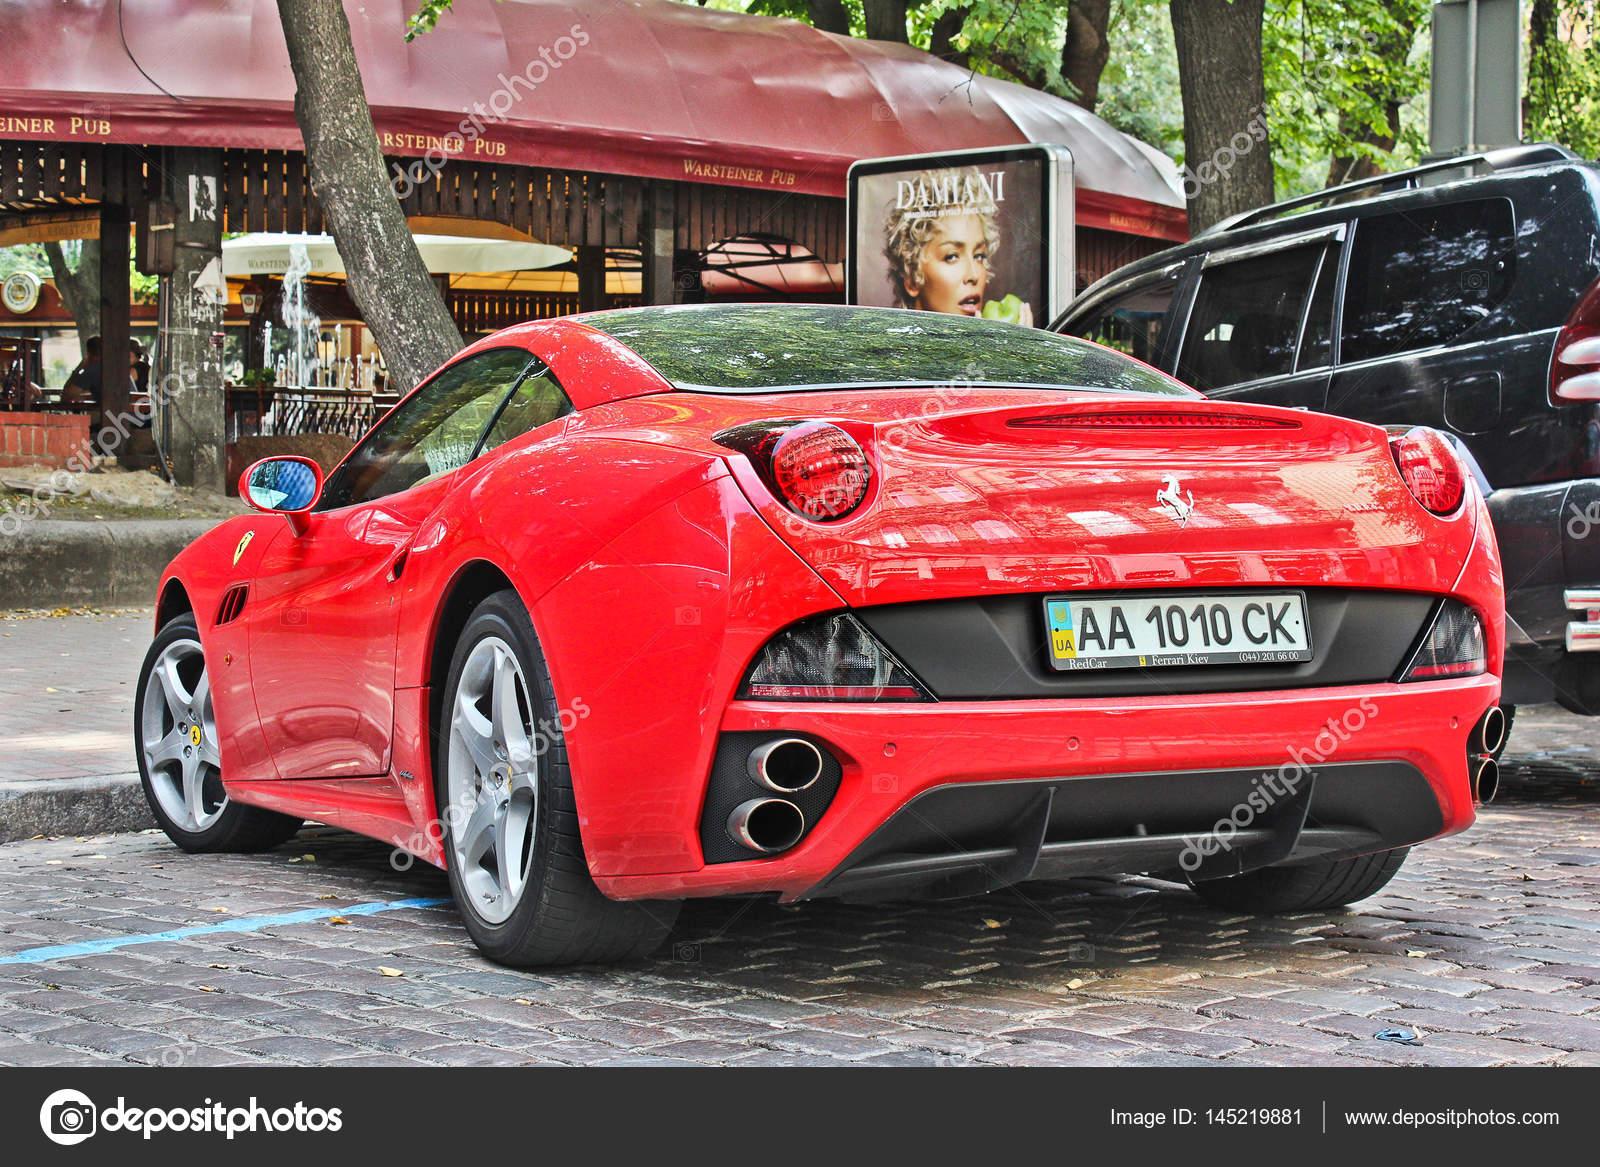 ea7汽车图片